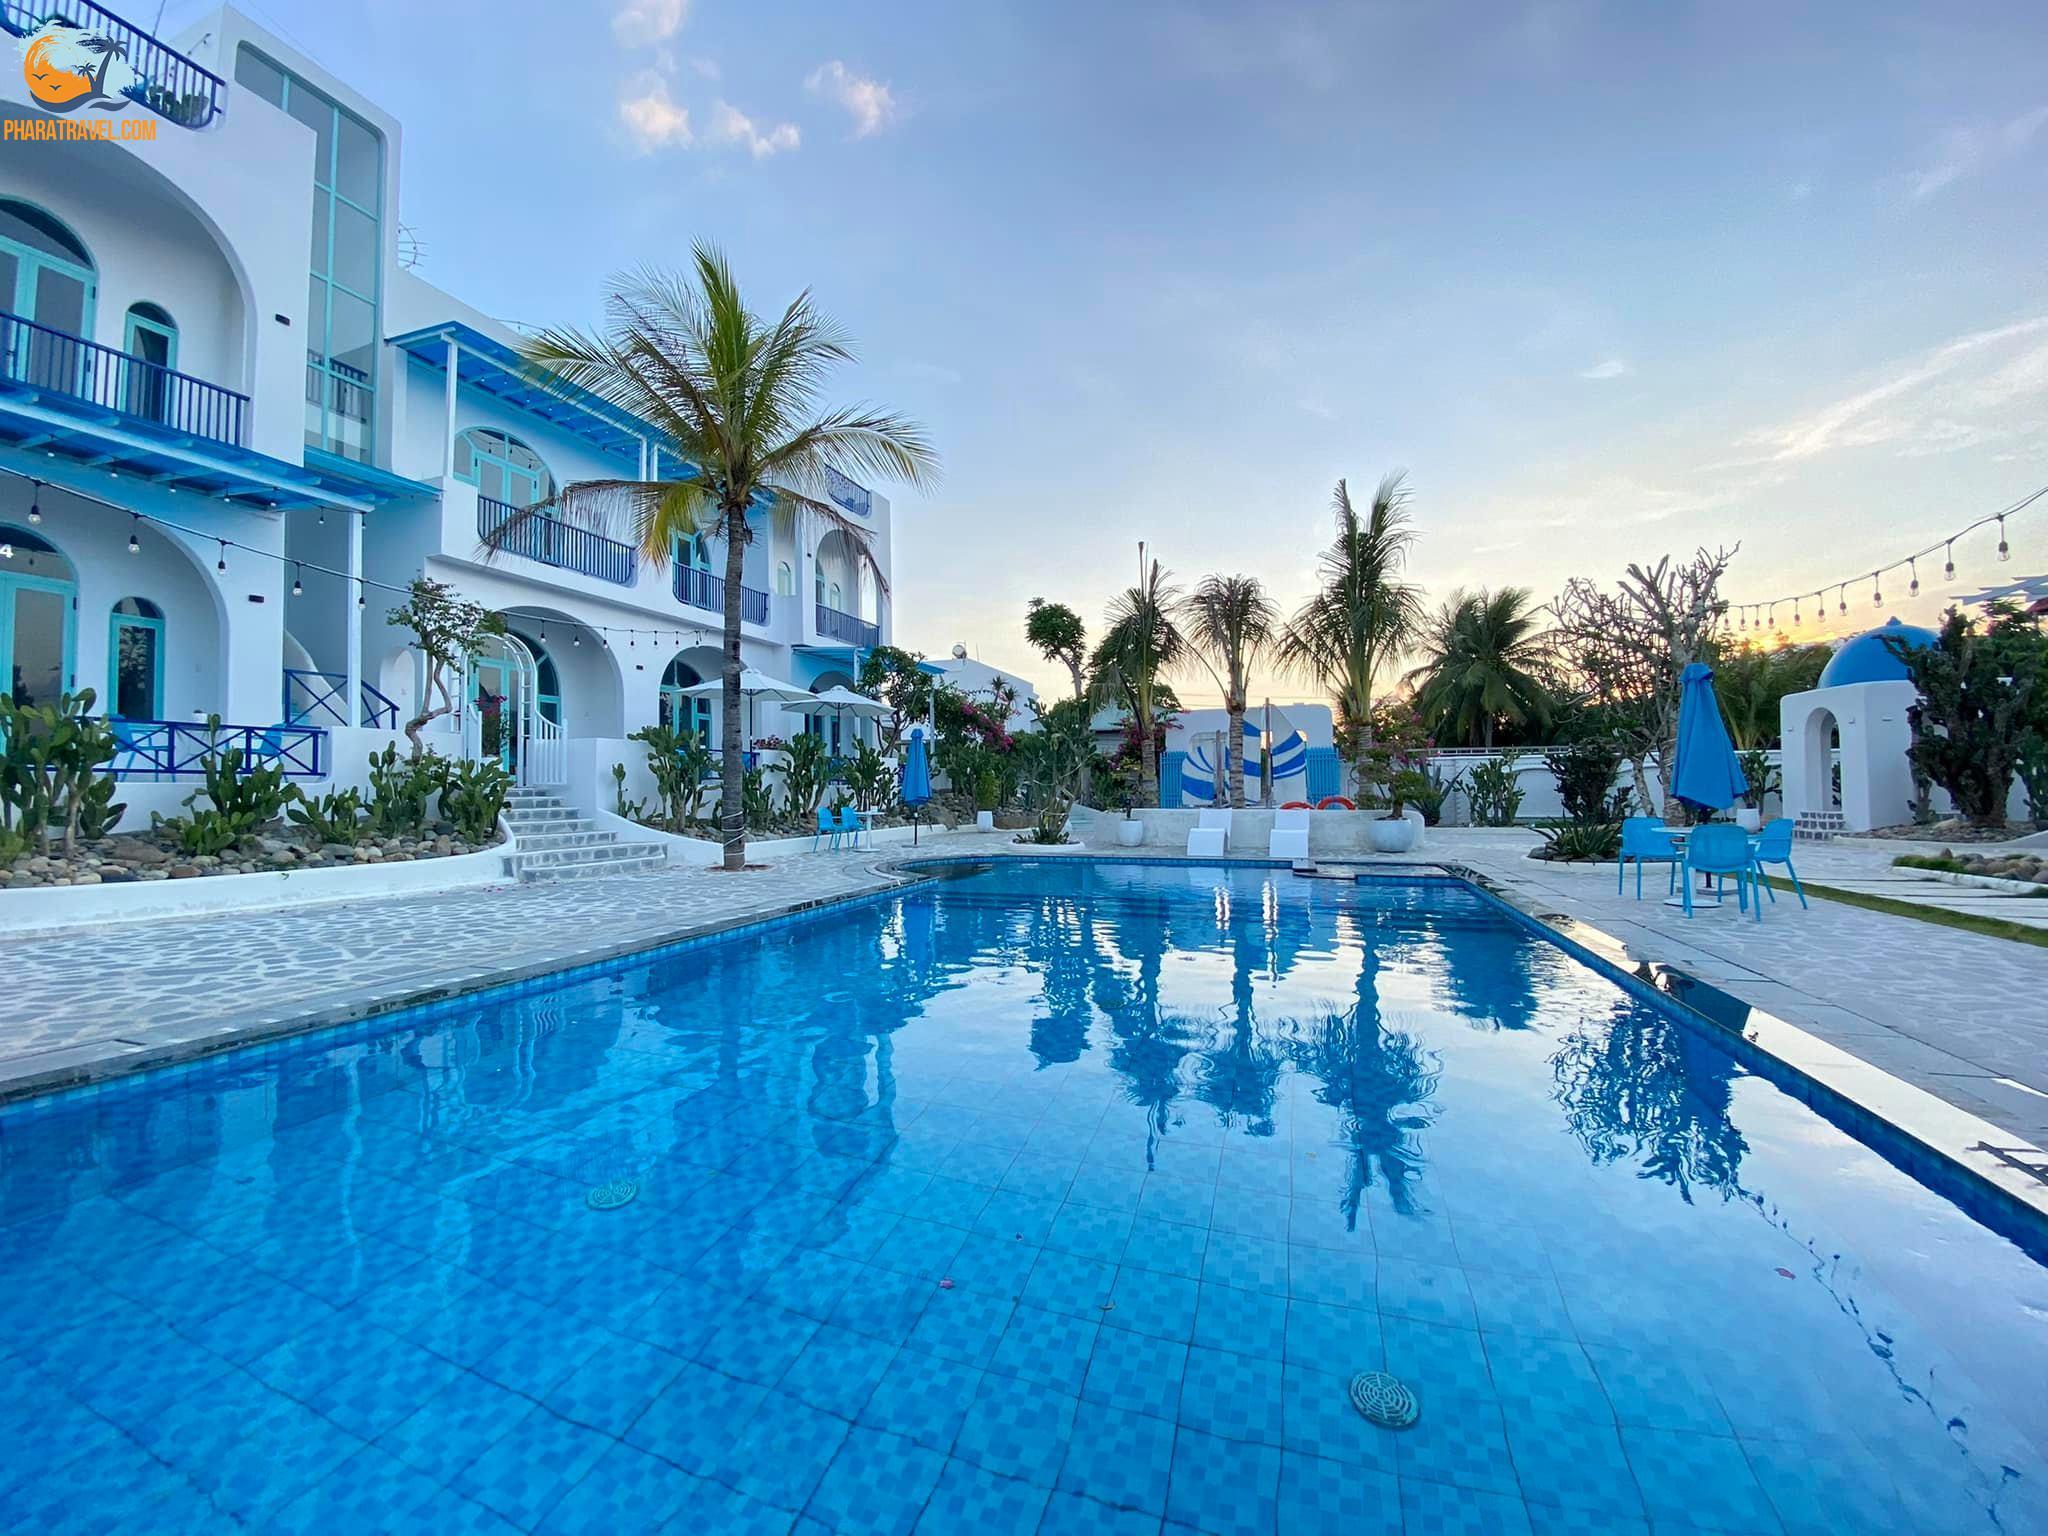 Top 20 biệt thự villa Nha Trang giá rẻ view đẹp gần biển chất lượng nhất